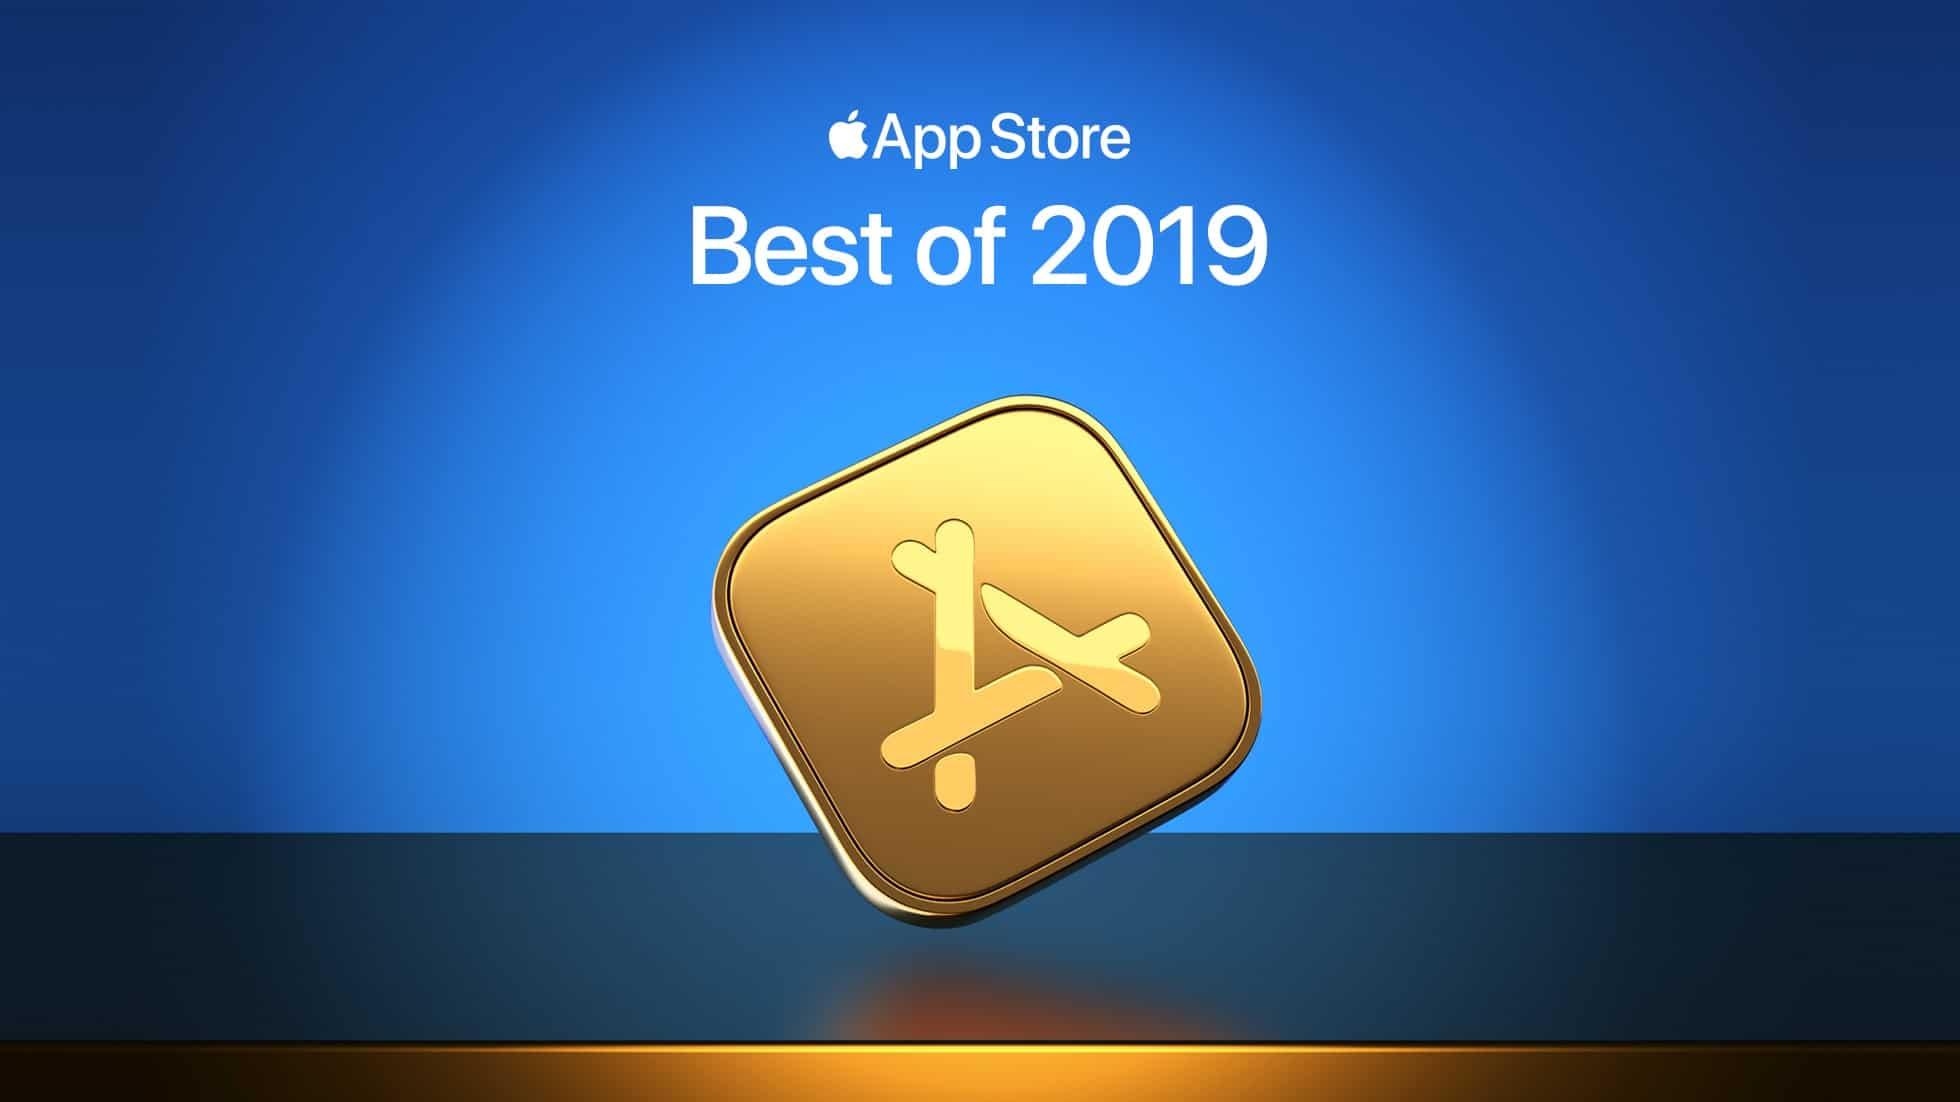 Apple anuncia os melhores apps e jogos de 2019; evento especial não foi o que se esperava